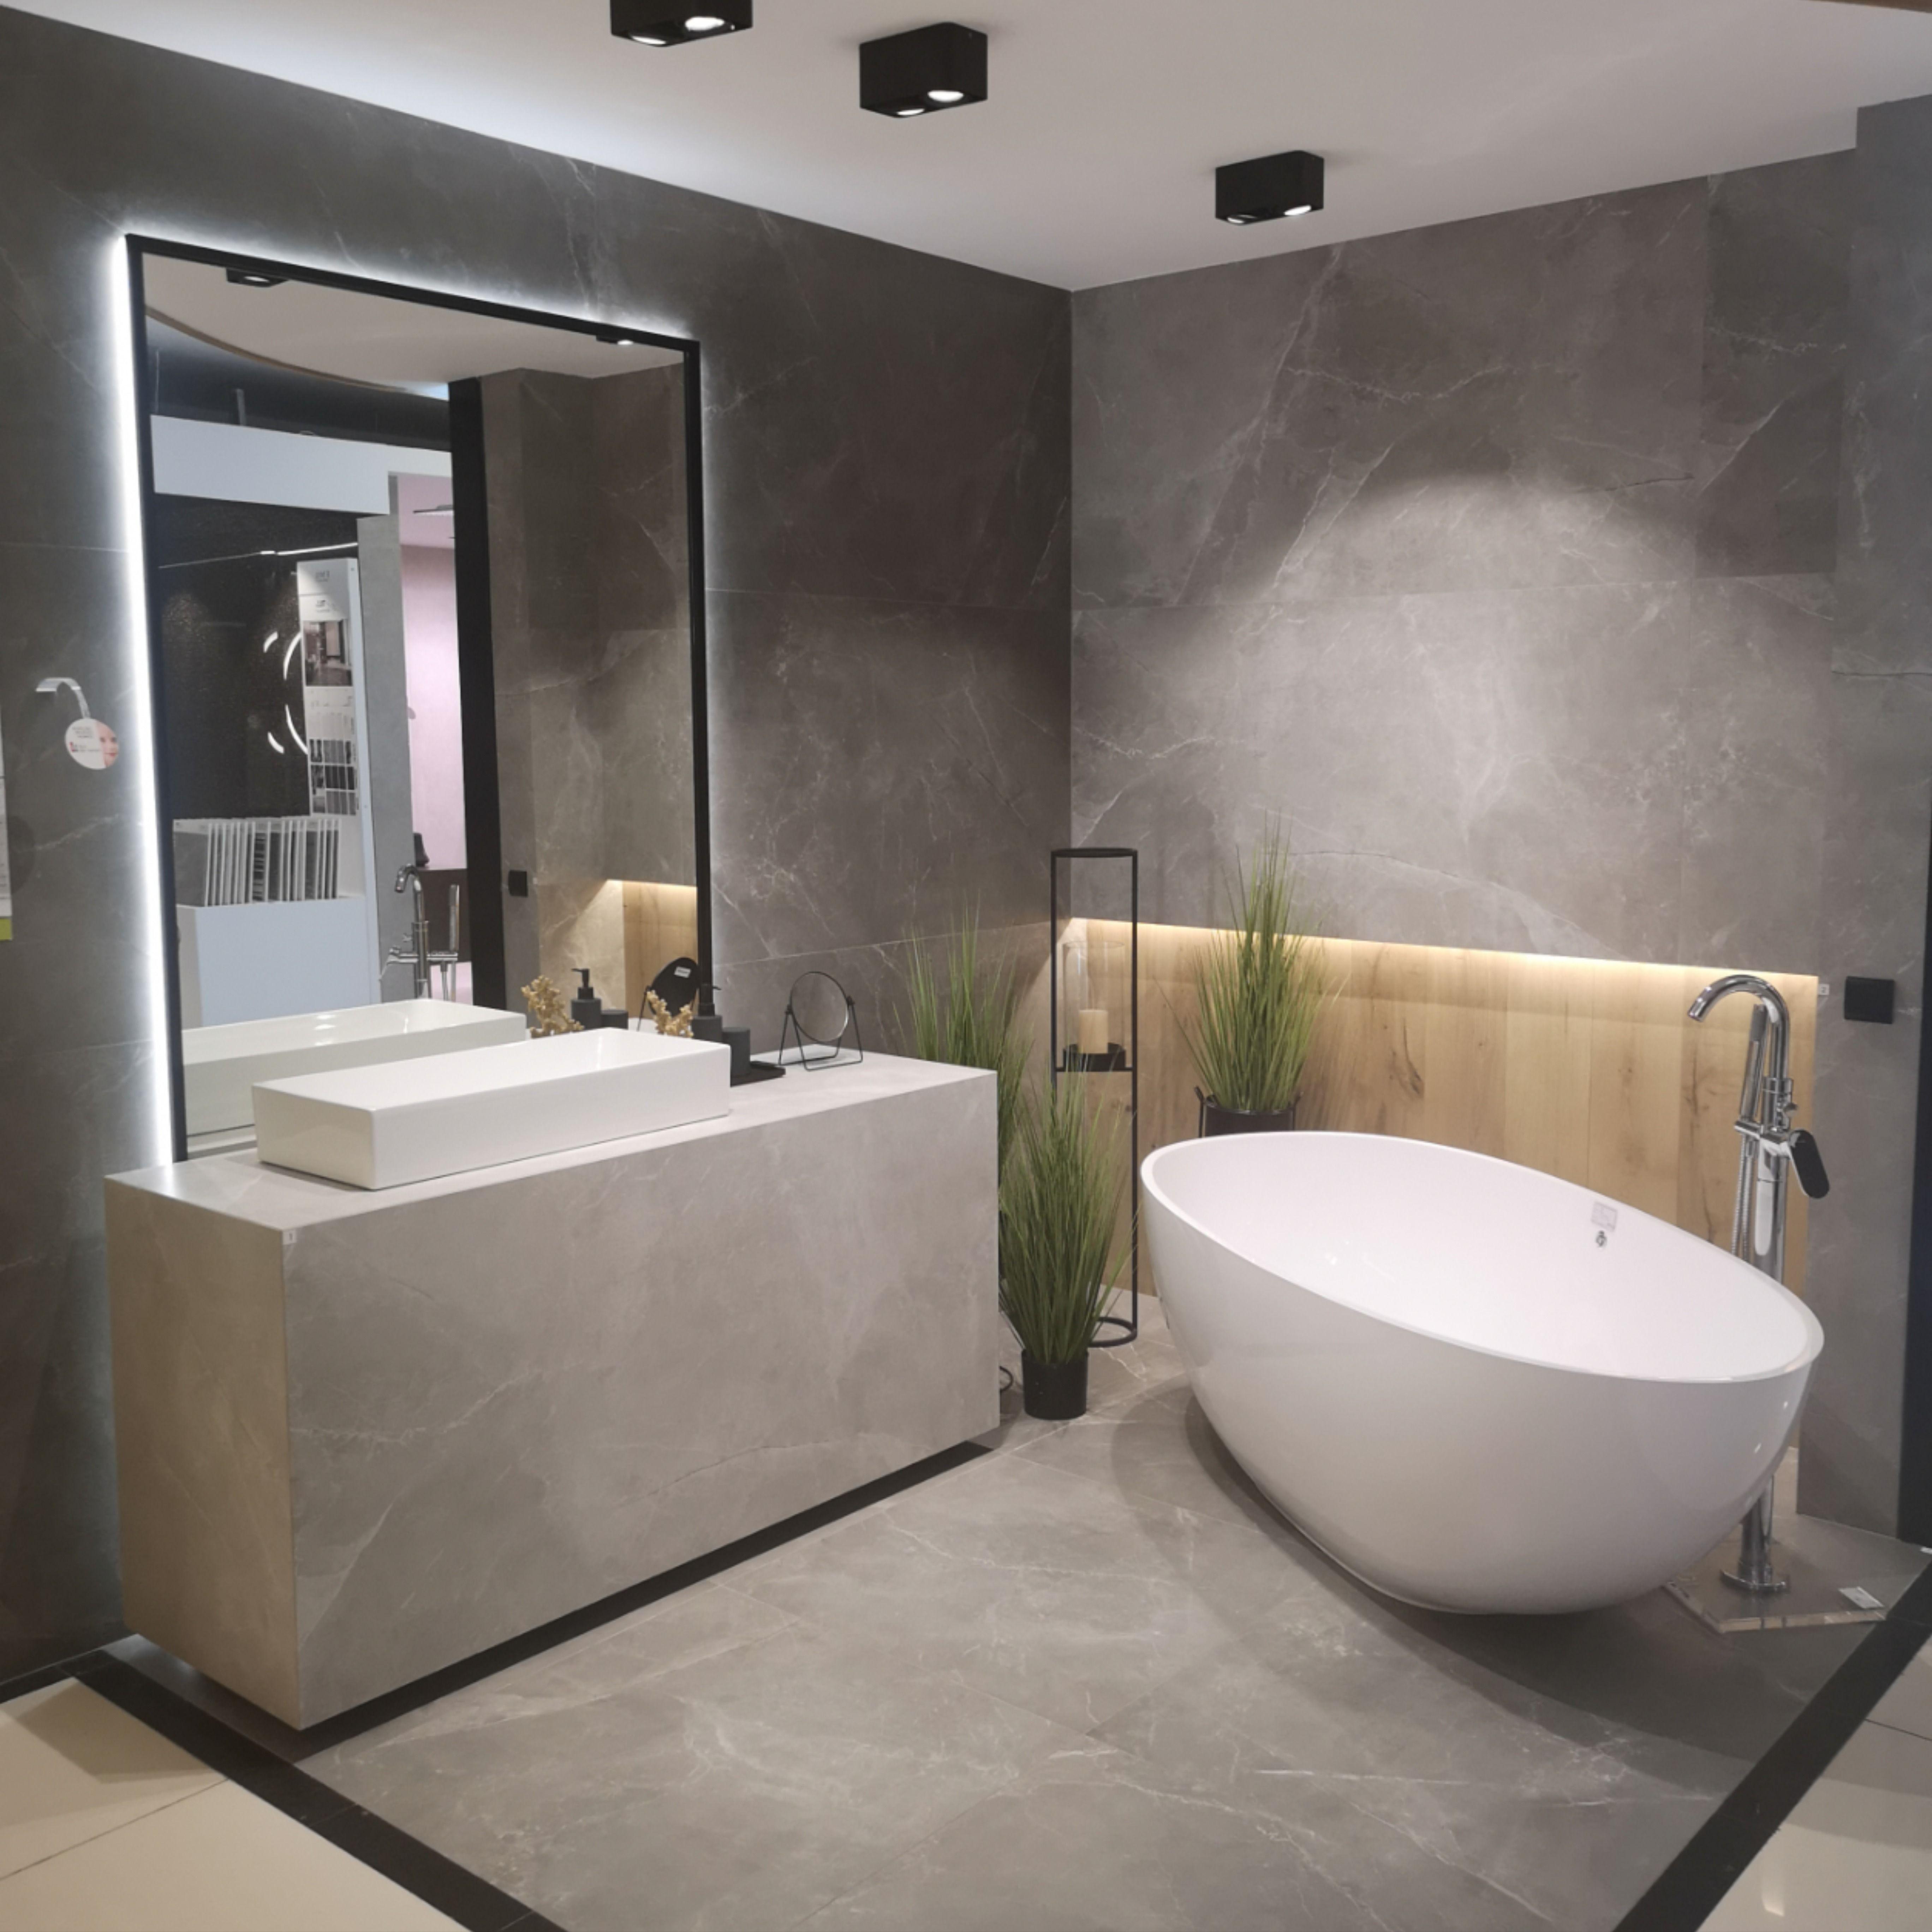 Nowoczesna Lazienka Moze Byc Elegancka Bathroom Bathtub